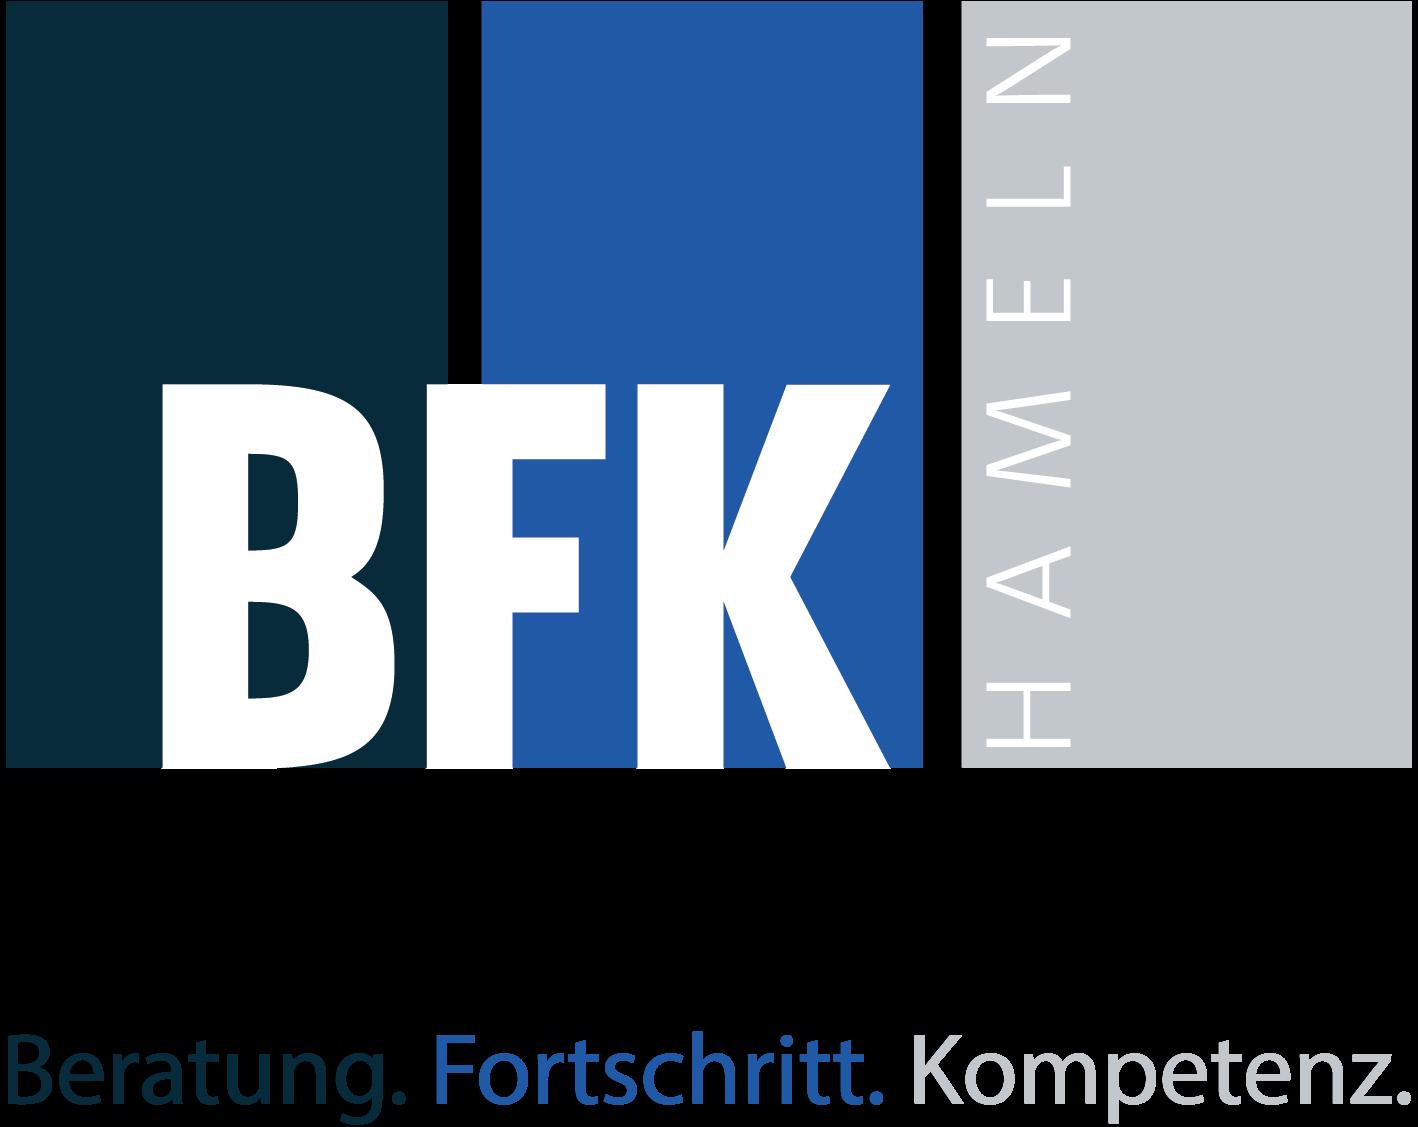 BFK Steuerberatung